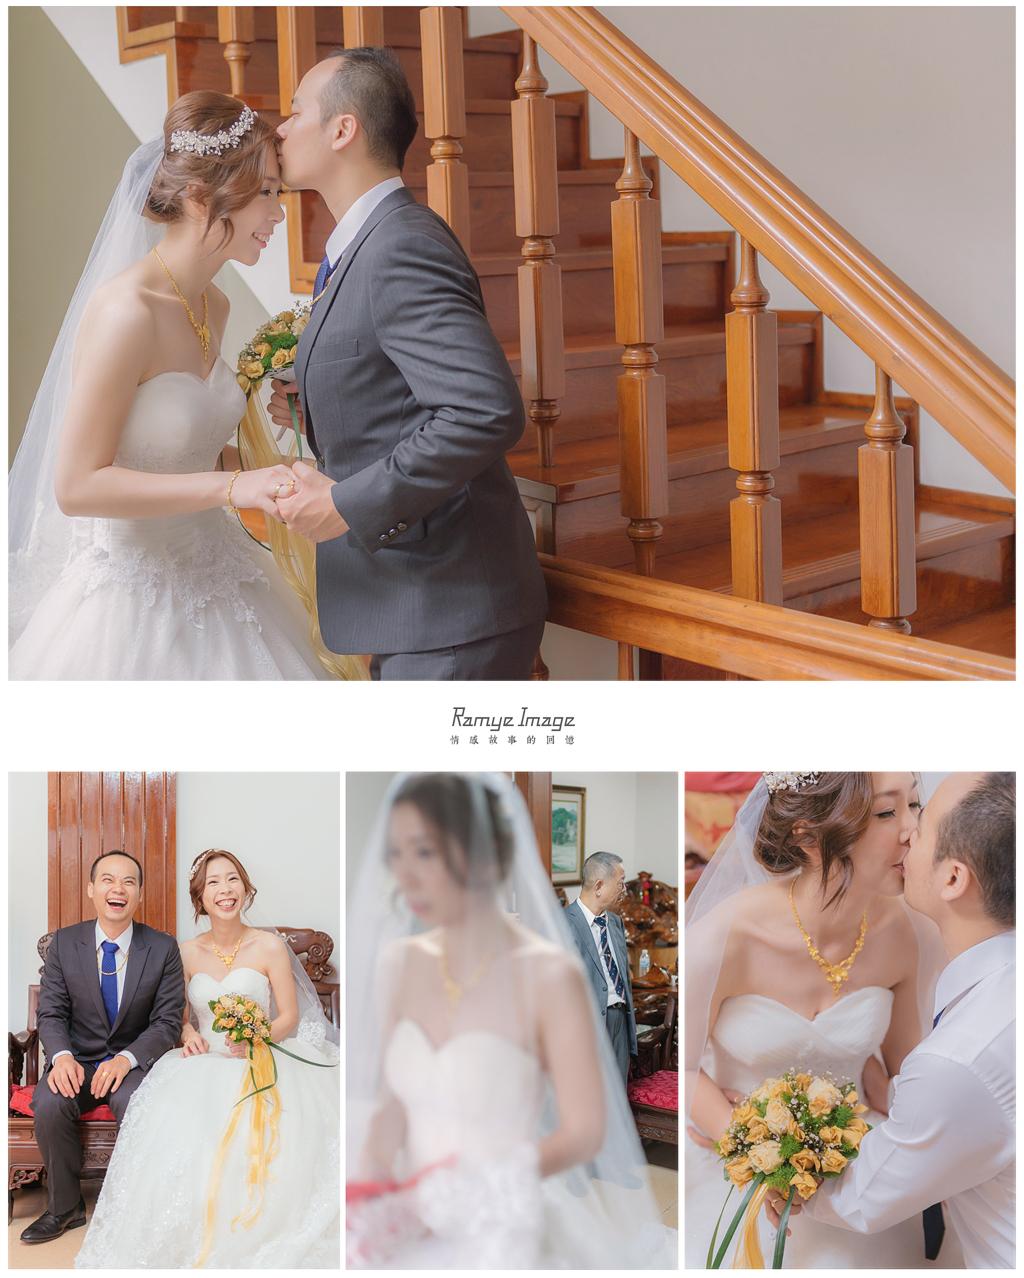 婚攝,婚禮紀錄,婚禮攝影,台北婚攝,優質婚攝,PTT婚攝,婚攝檔期